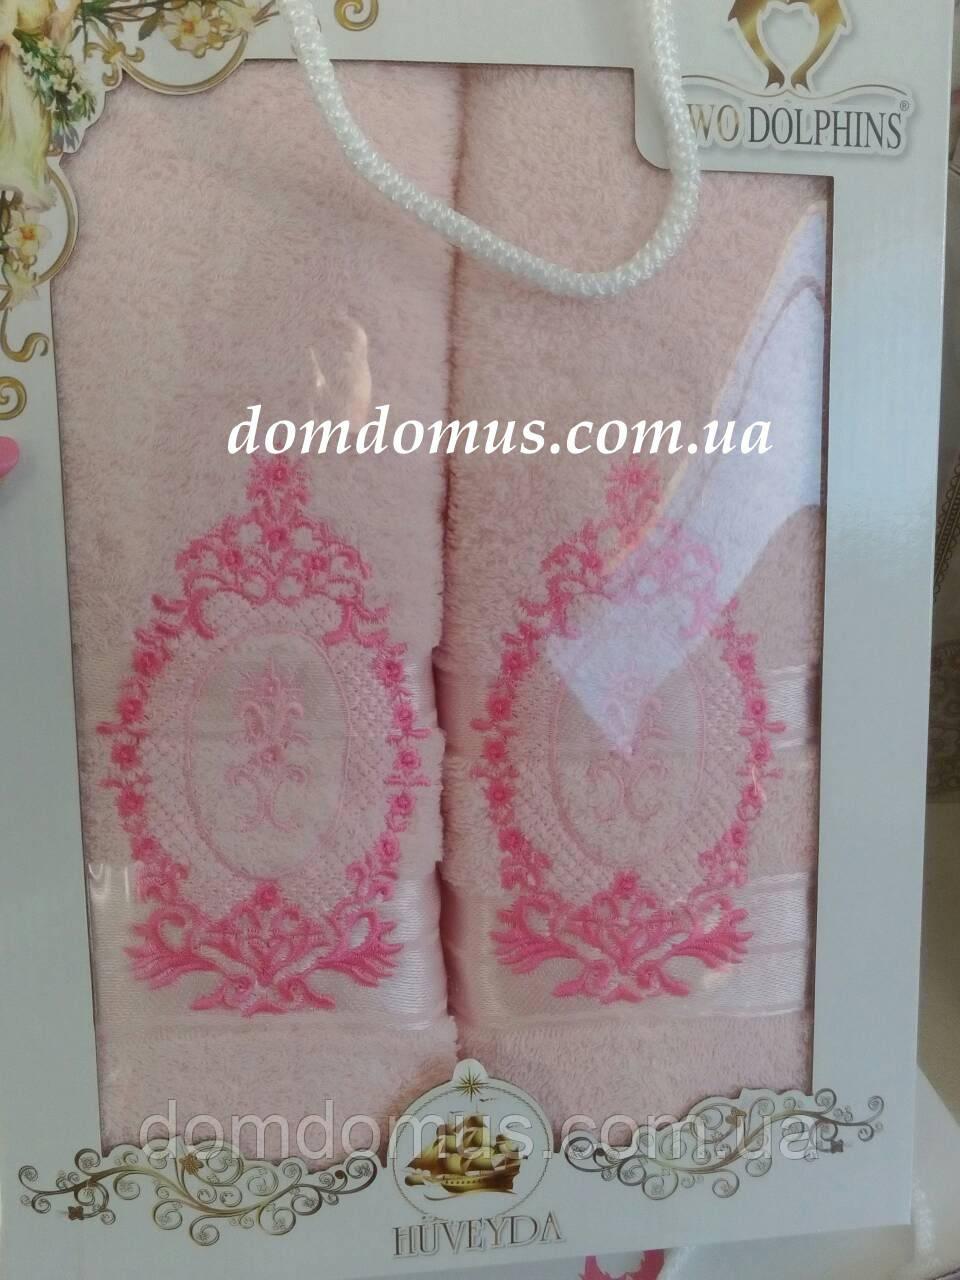 Подарочный набор полотенец TWO DOLPHINS, Турция 0180